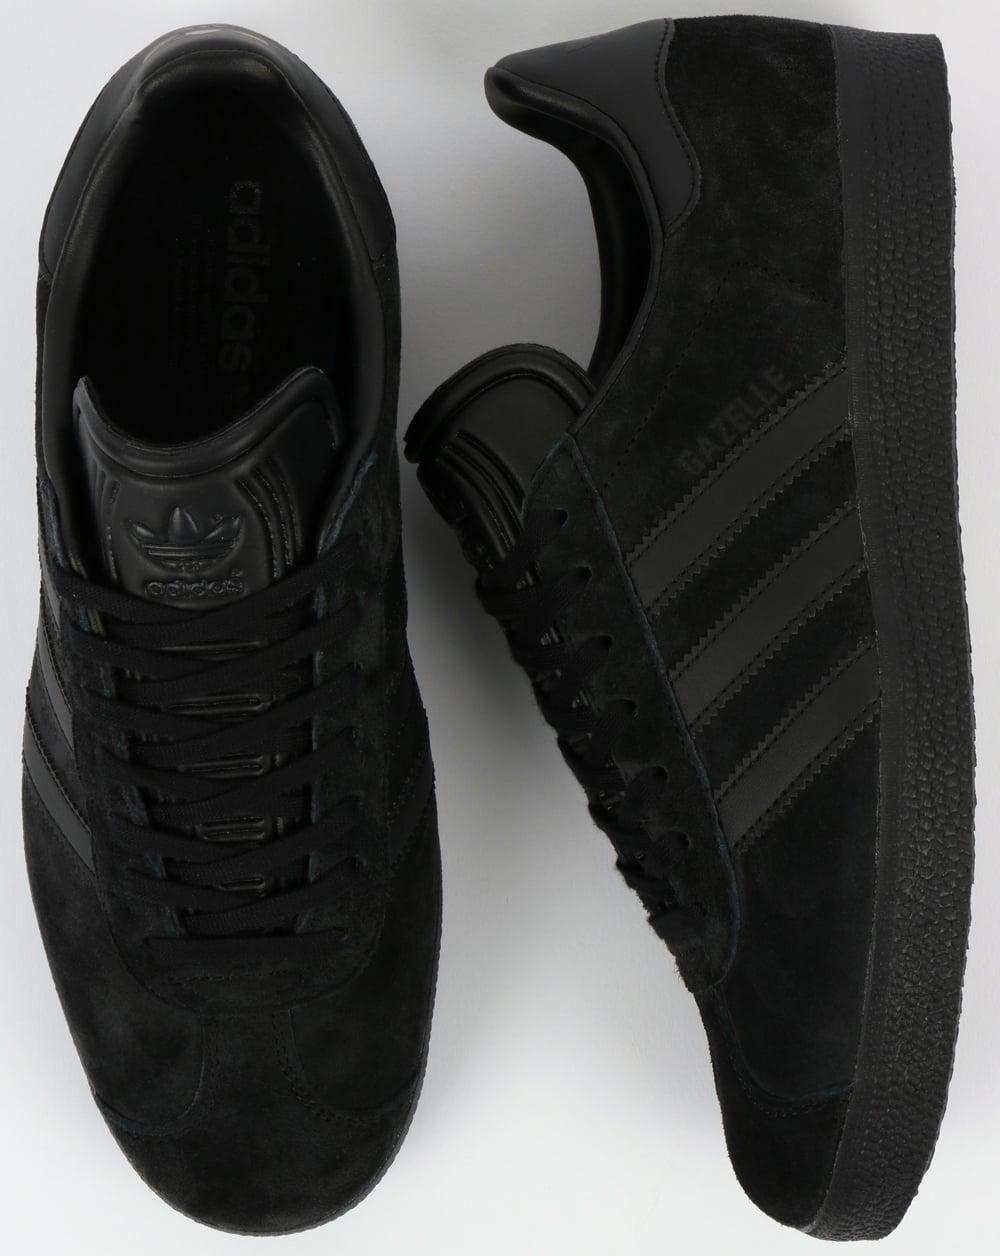 adidas gazelle all black suede